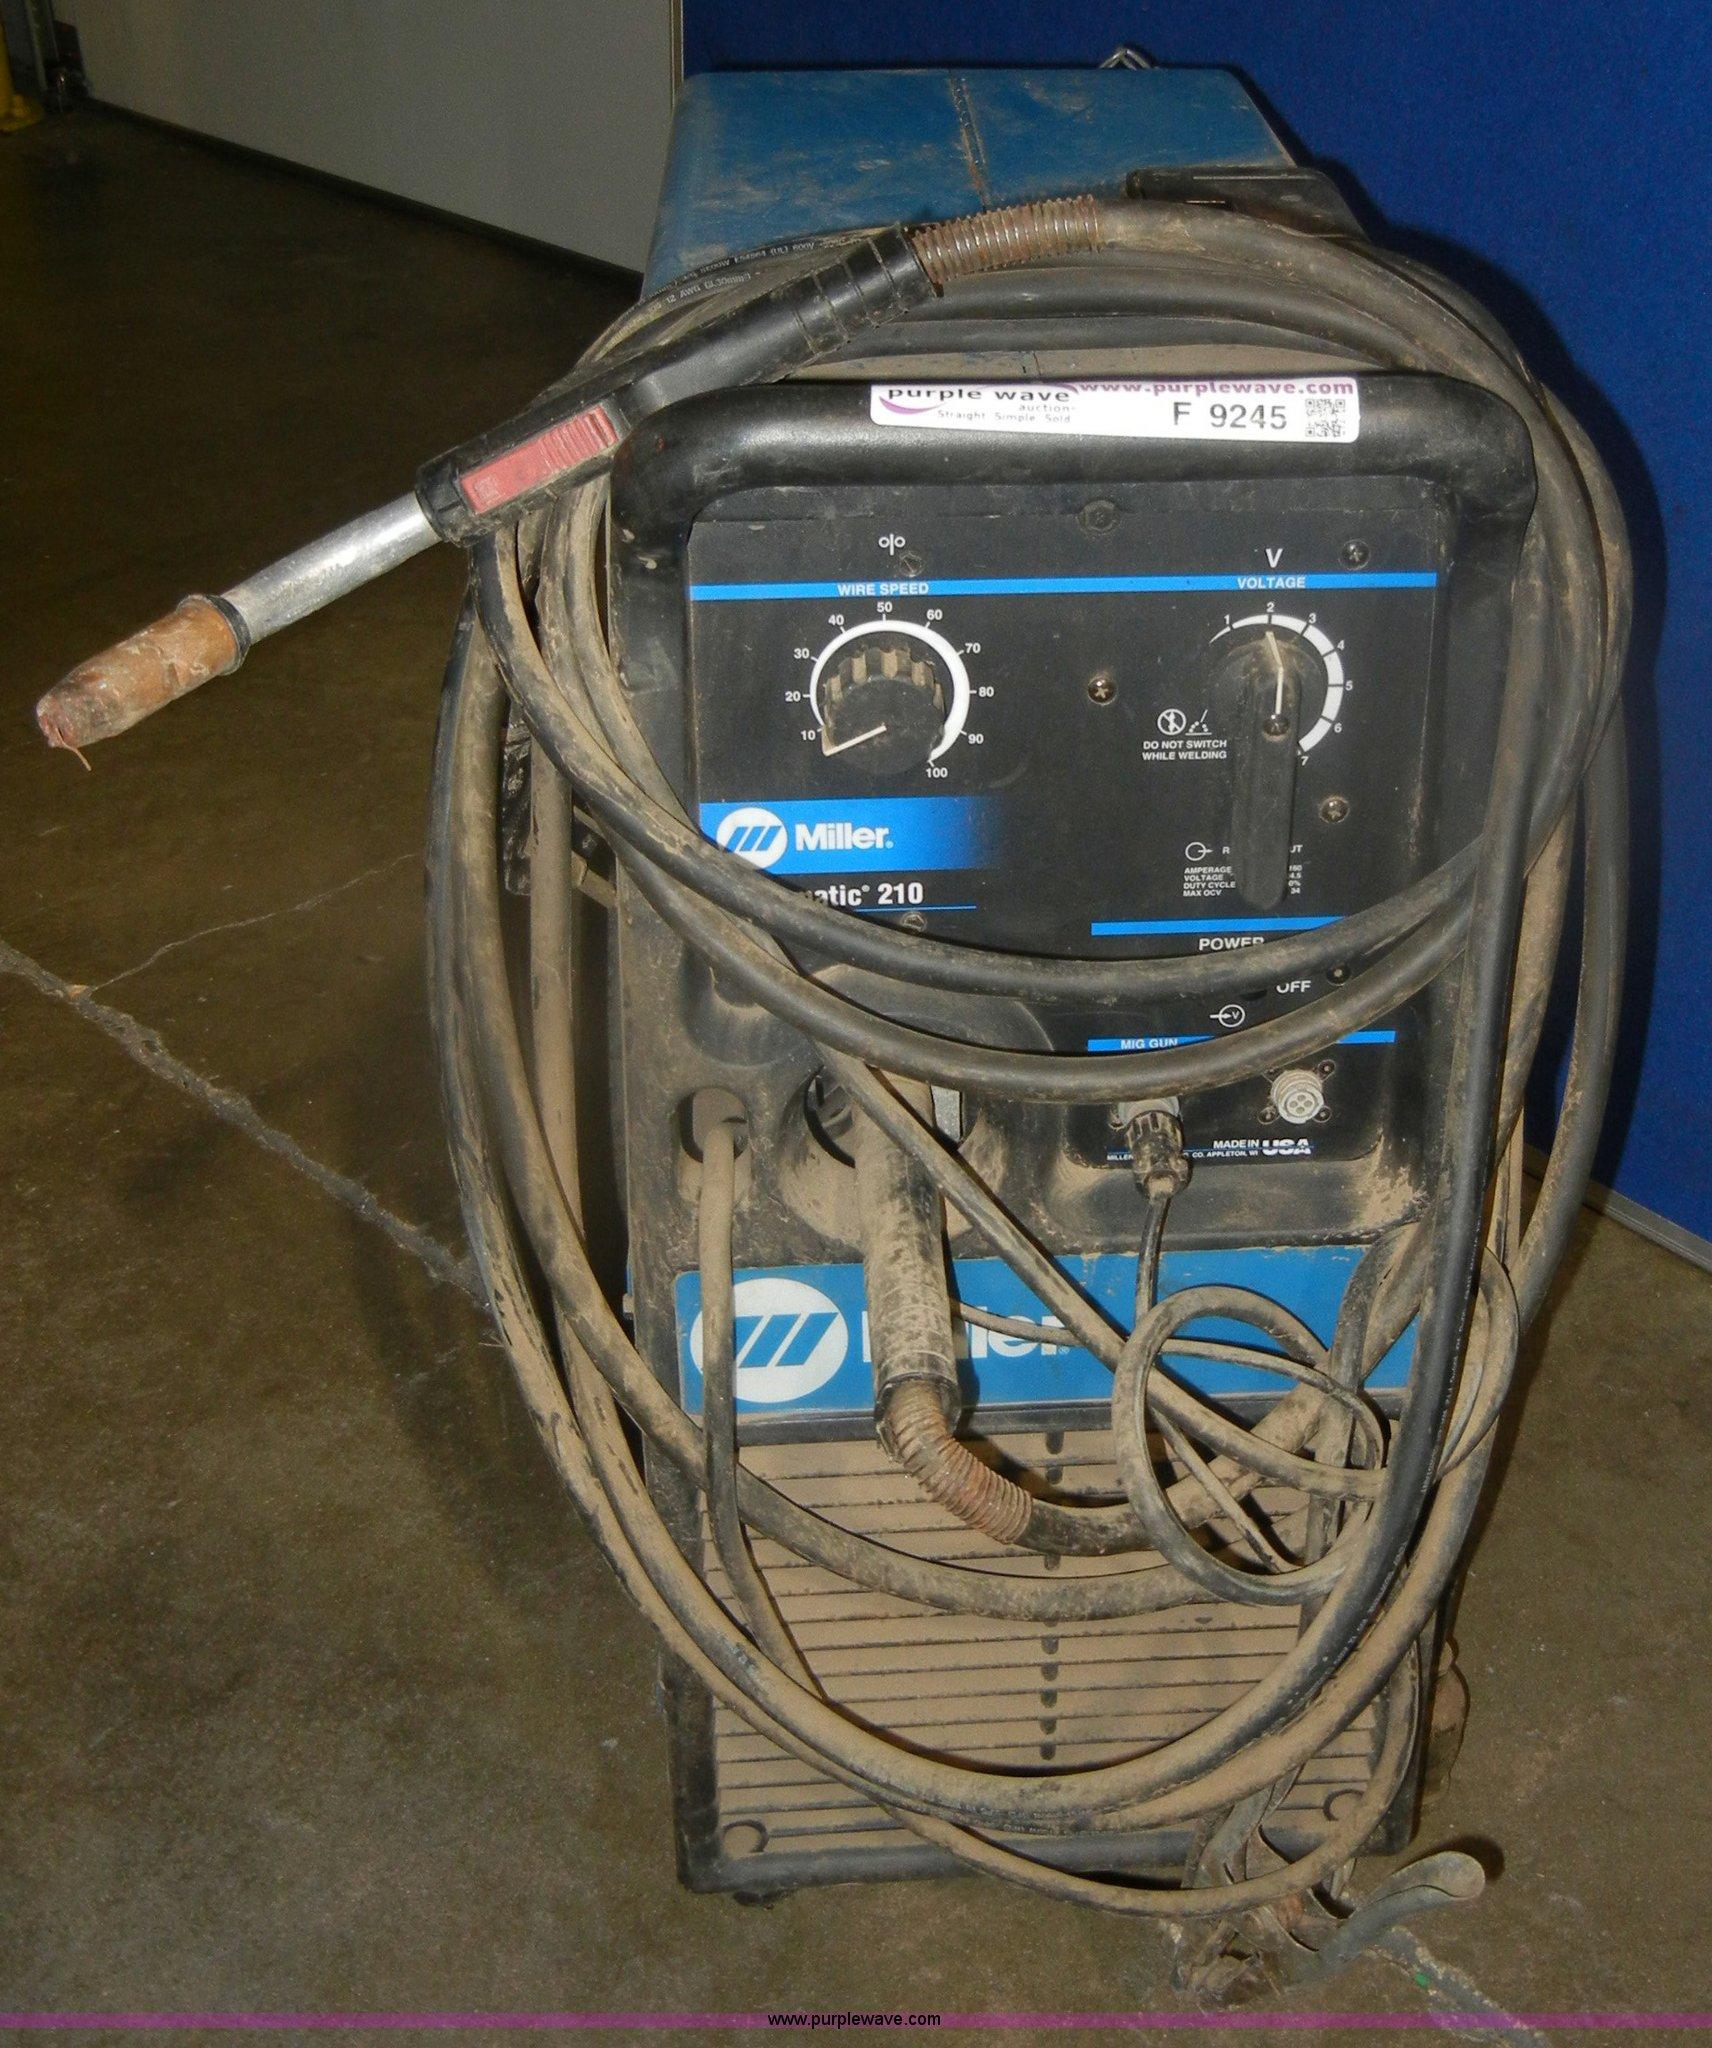 Millermatic 210 Wiring Diagram. Gandul. 45.77.79.119 on millermatic 211 wiring diagram, millermatic 210 wiring diagram, millermatic 211 autos et chart, lincoln 200 wiring diagram, millermatic 252 wiring diagram, hobart diagram, millermatic 140 wiring diagram, miller welder wiring diagram, millermatic 250 wiring diagram,